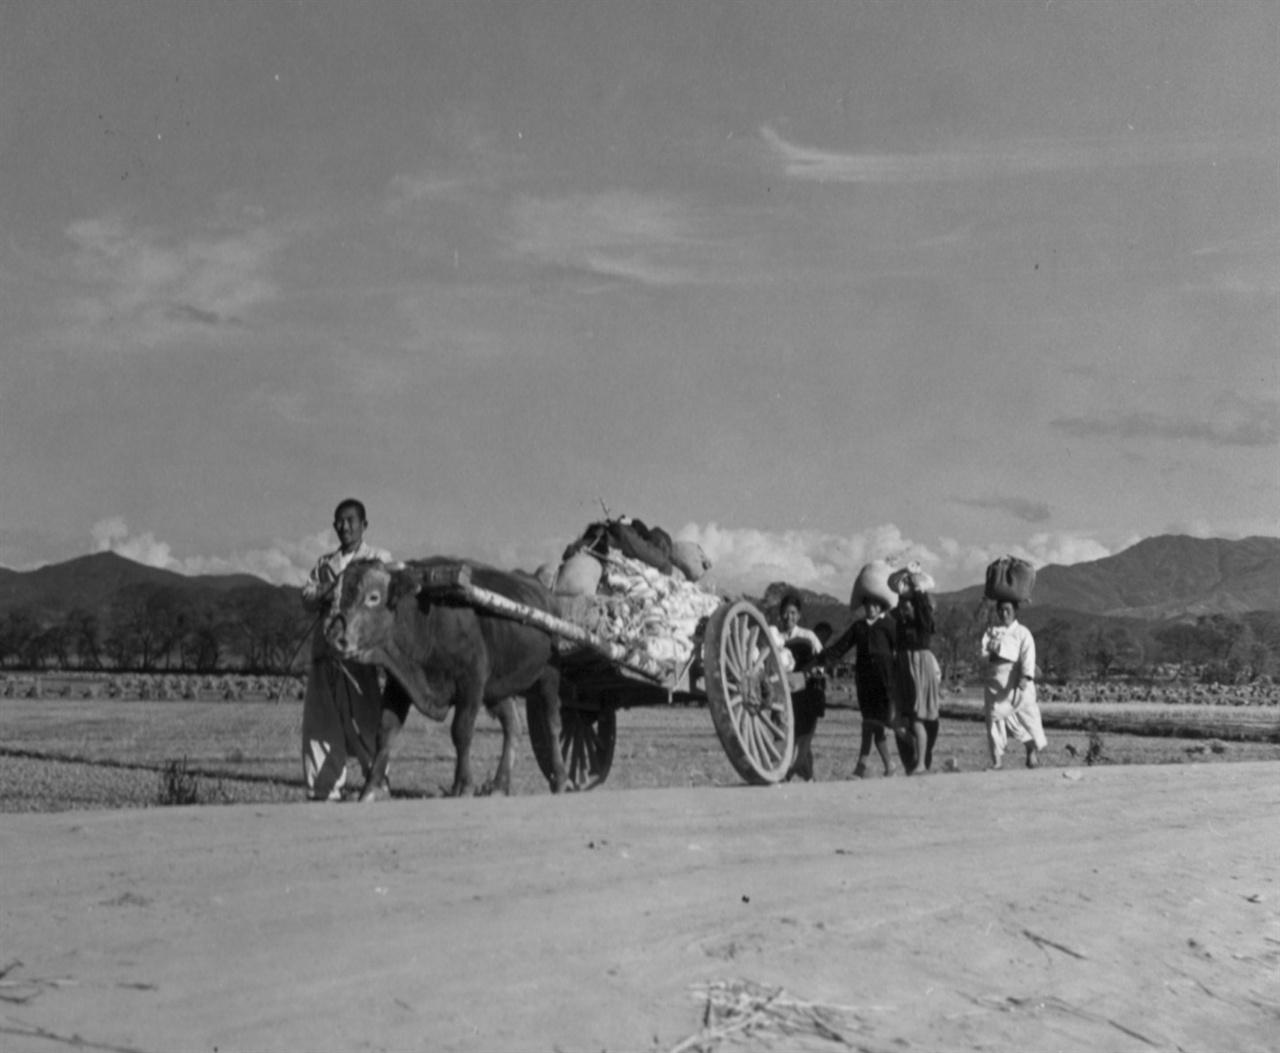 원산, 소달구지에 봇짐을 실은 피란행렬(1950. 11. 8.).